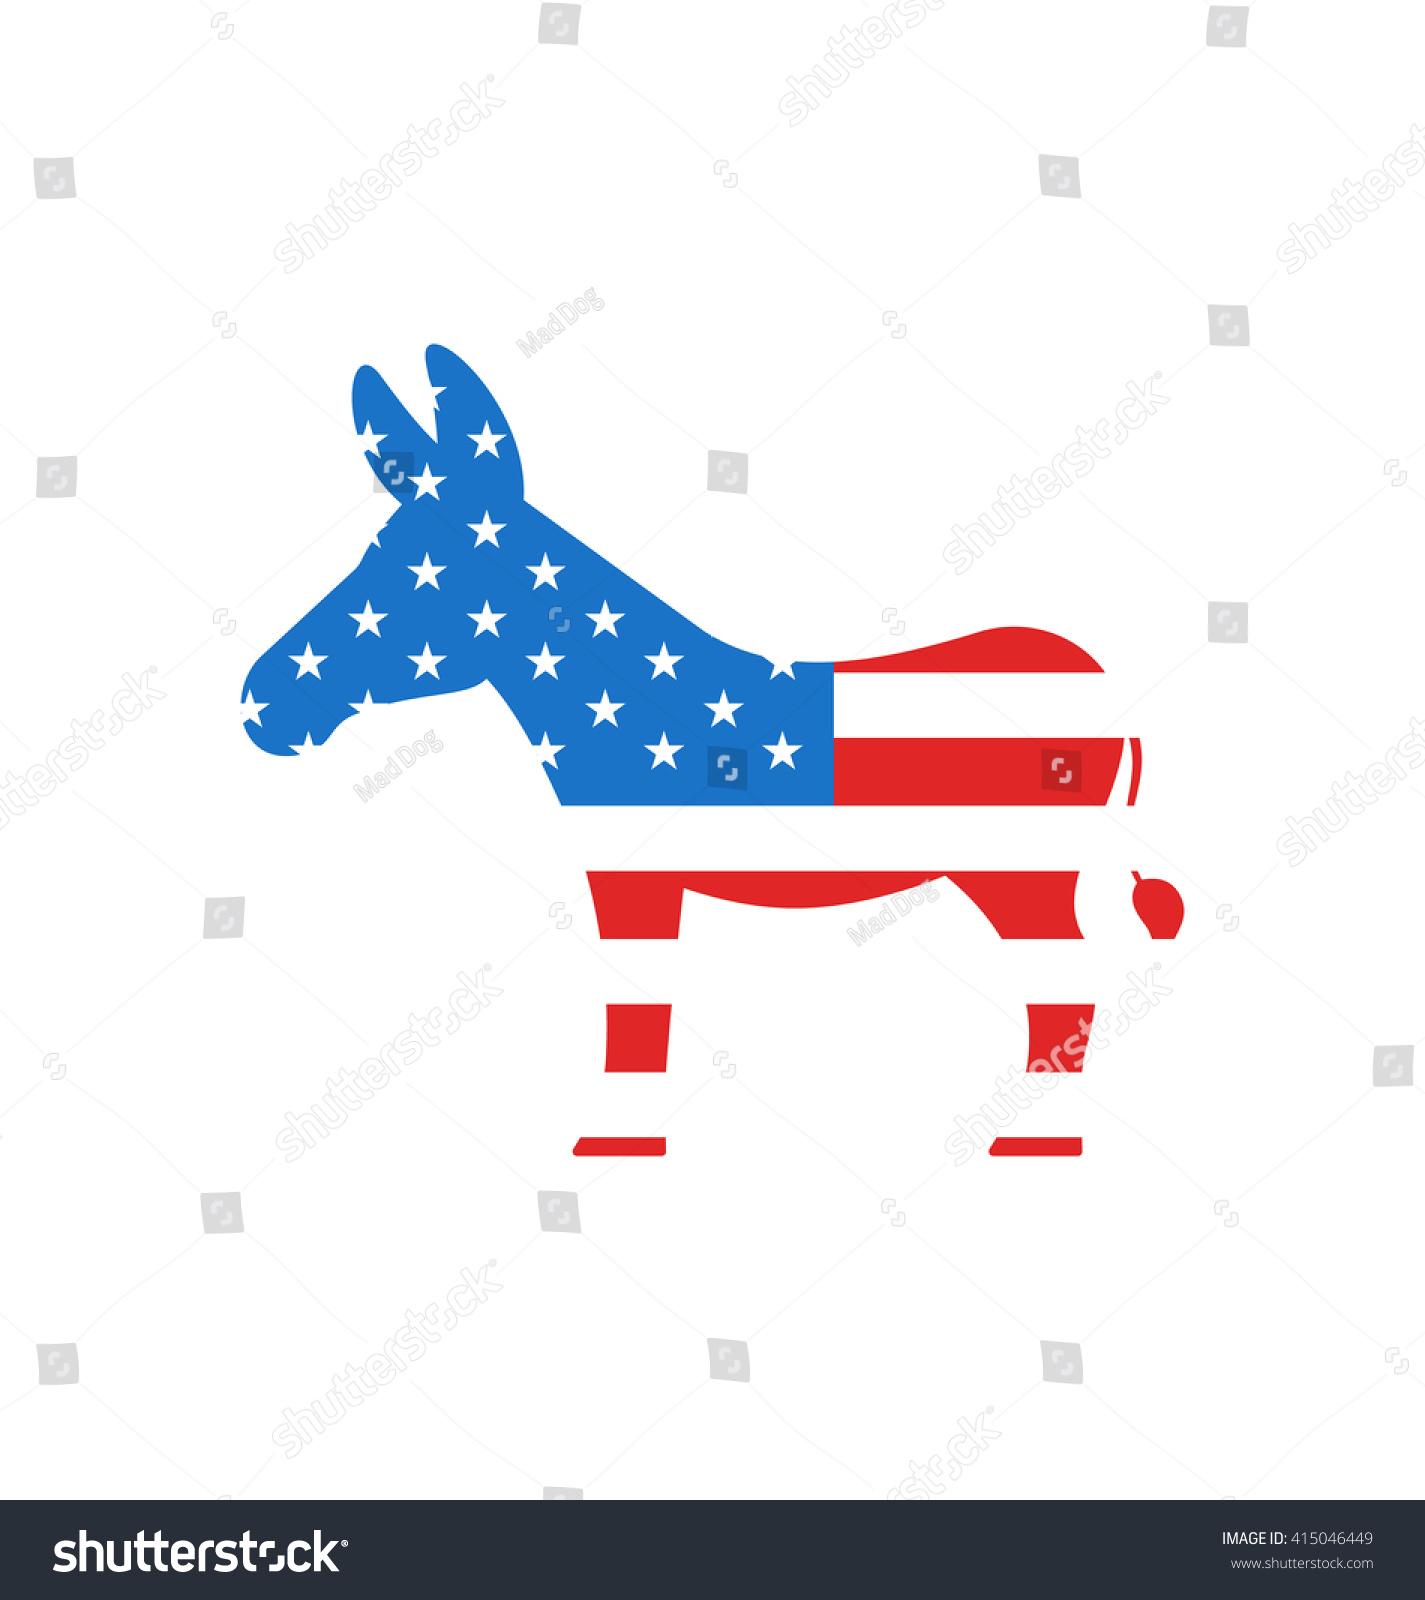 Illustration donkey symbol american democrats isolated stock illustration donkey as a symbol of american democrats isolated on white background american vote buycottarizona